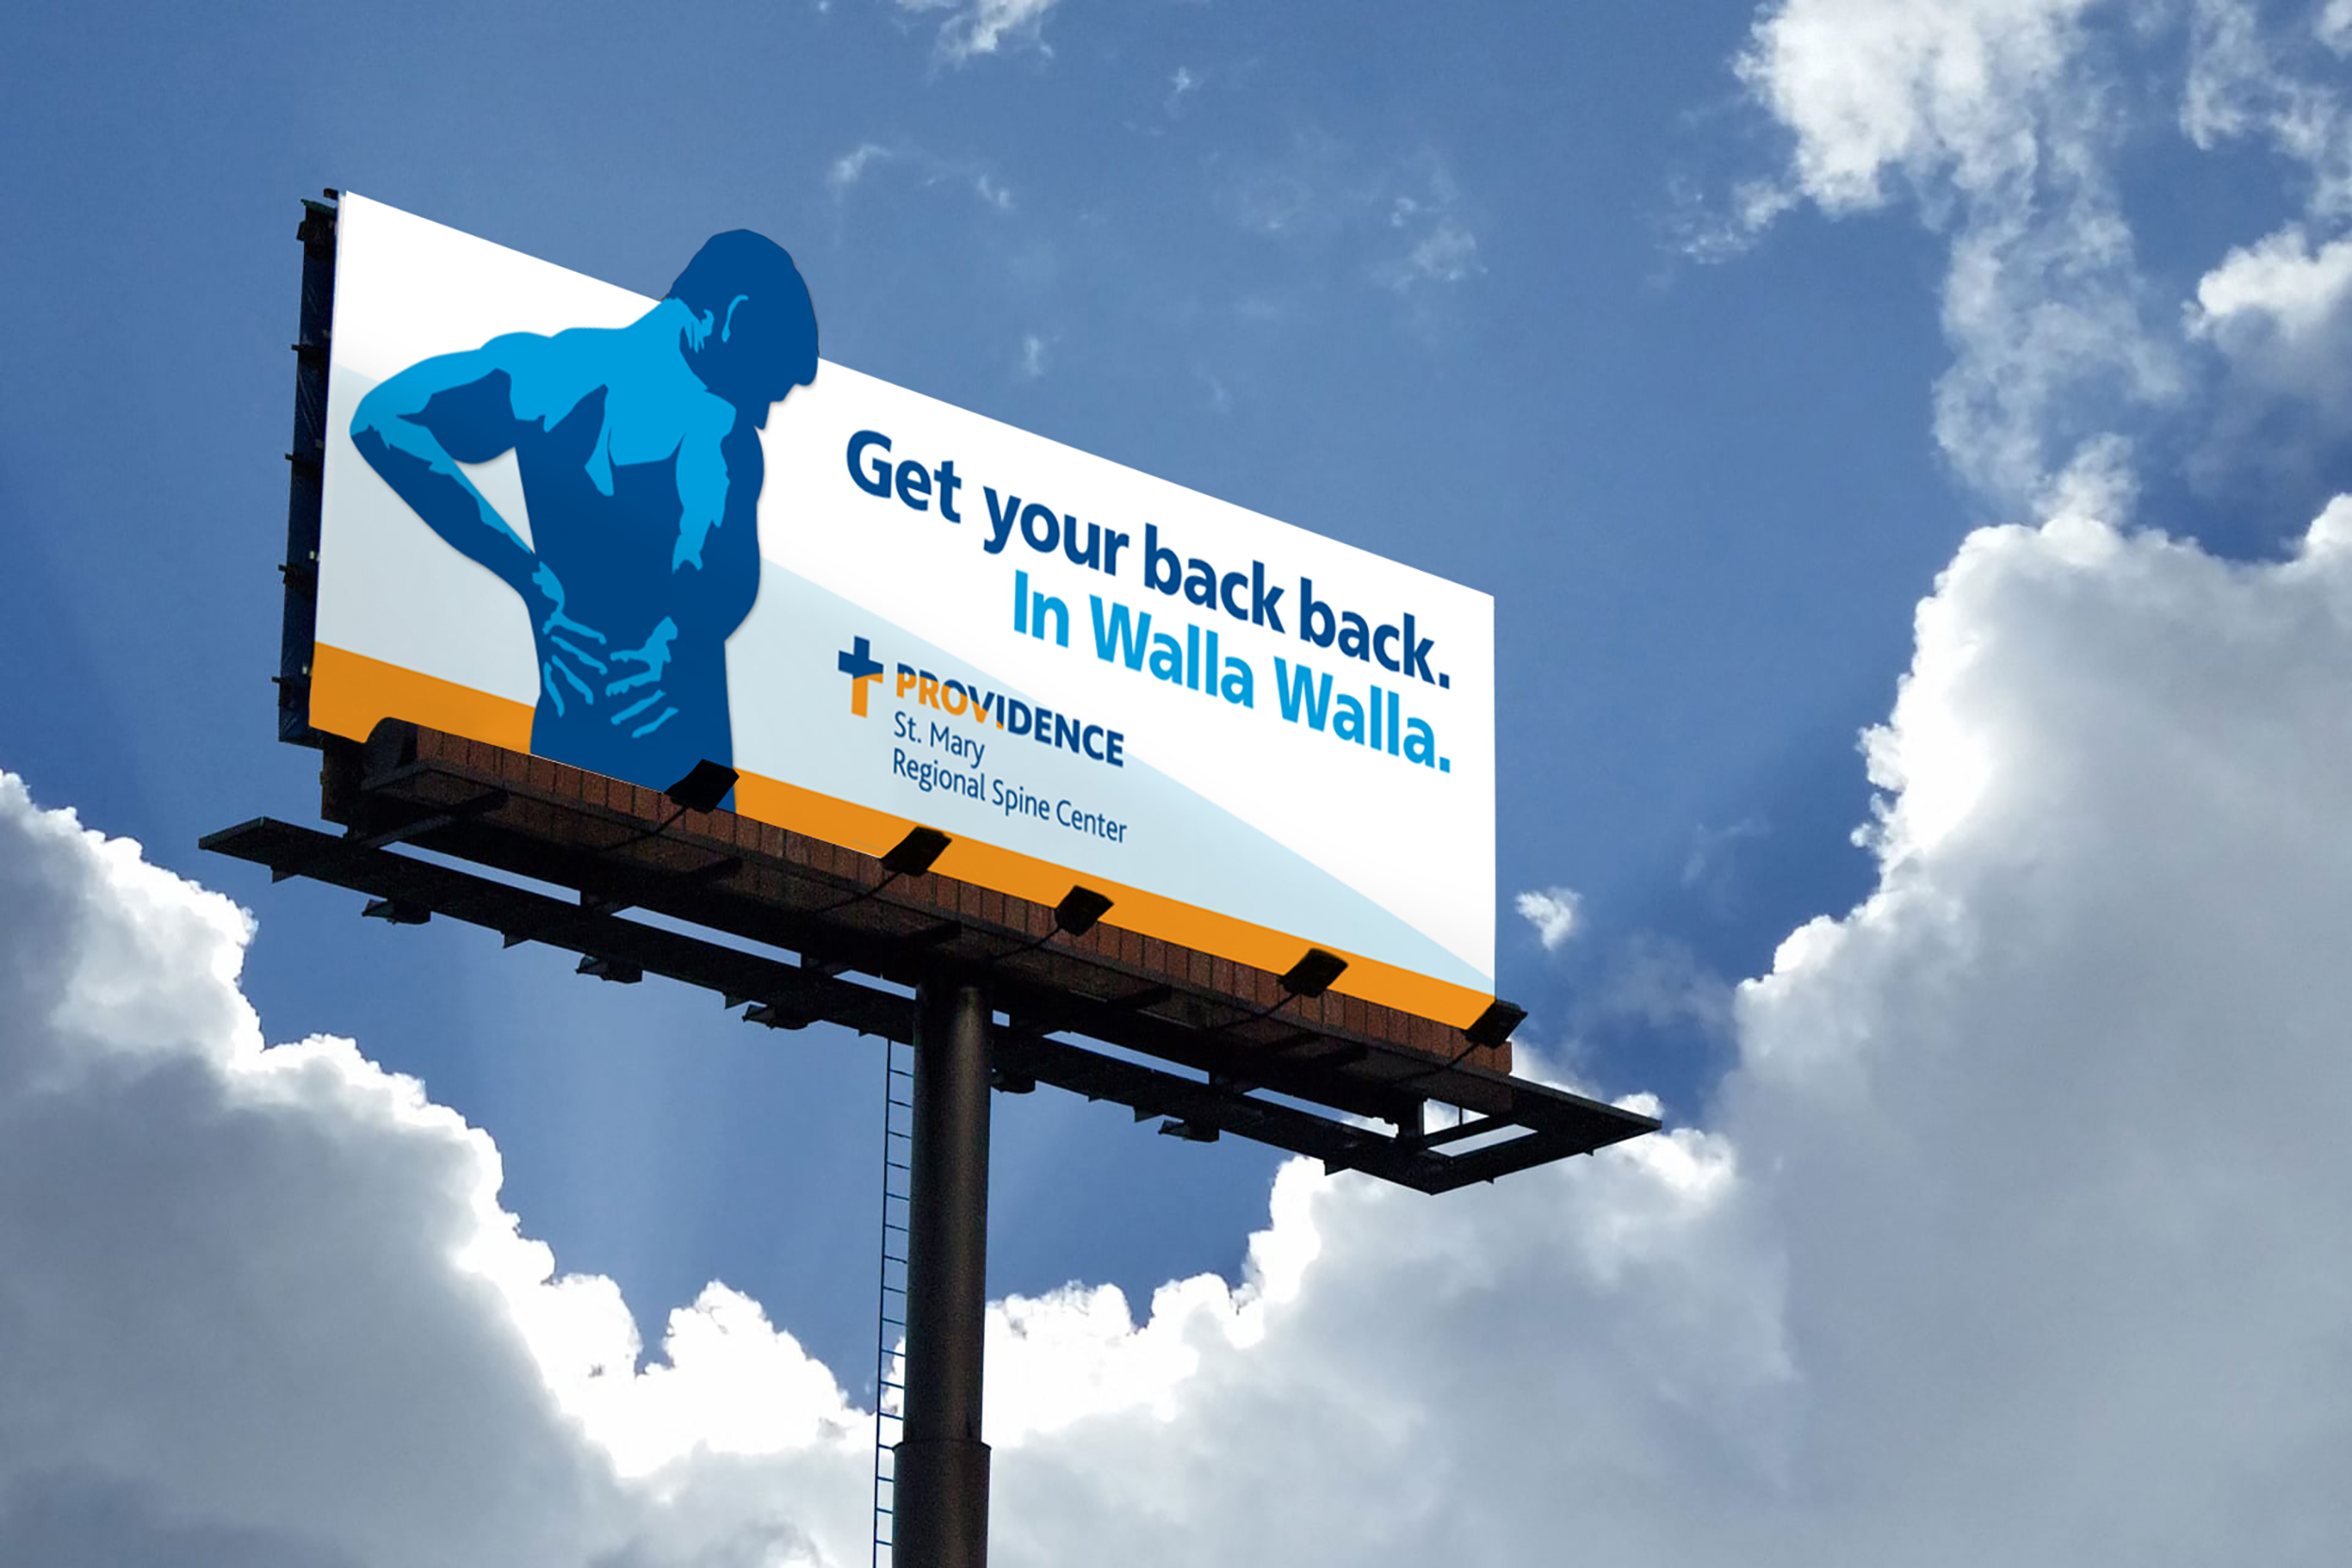 spine-center-billboard.jpg